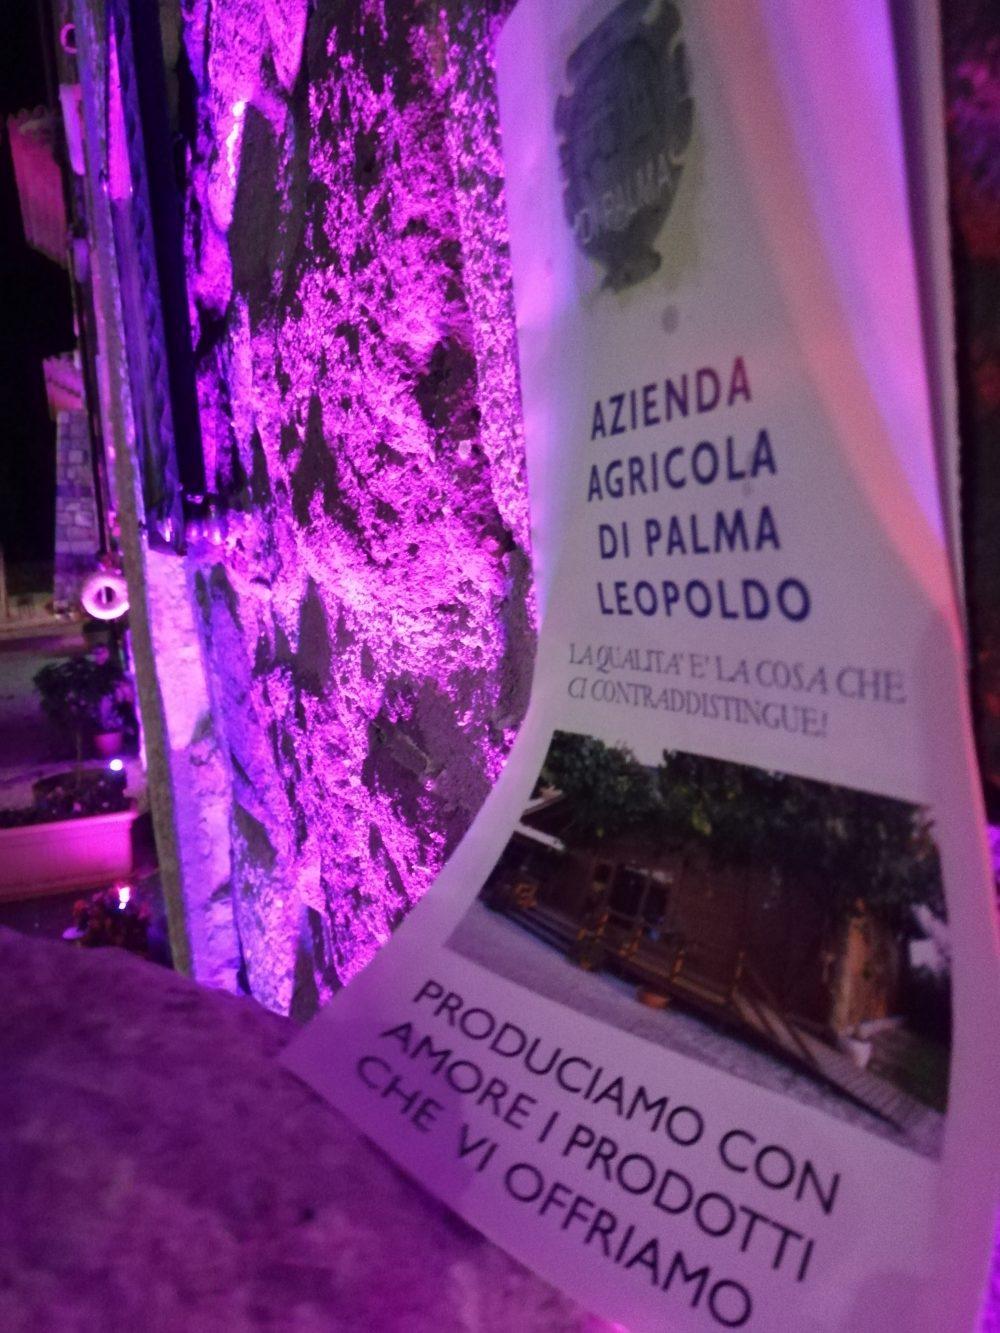 Casale di Palma - L'Azienda Agricola